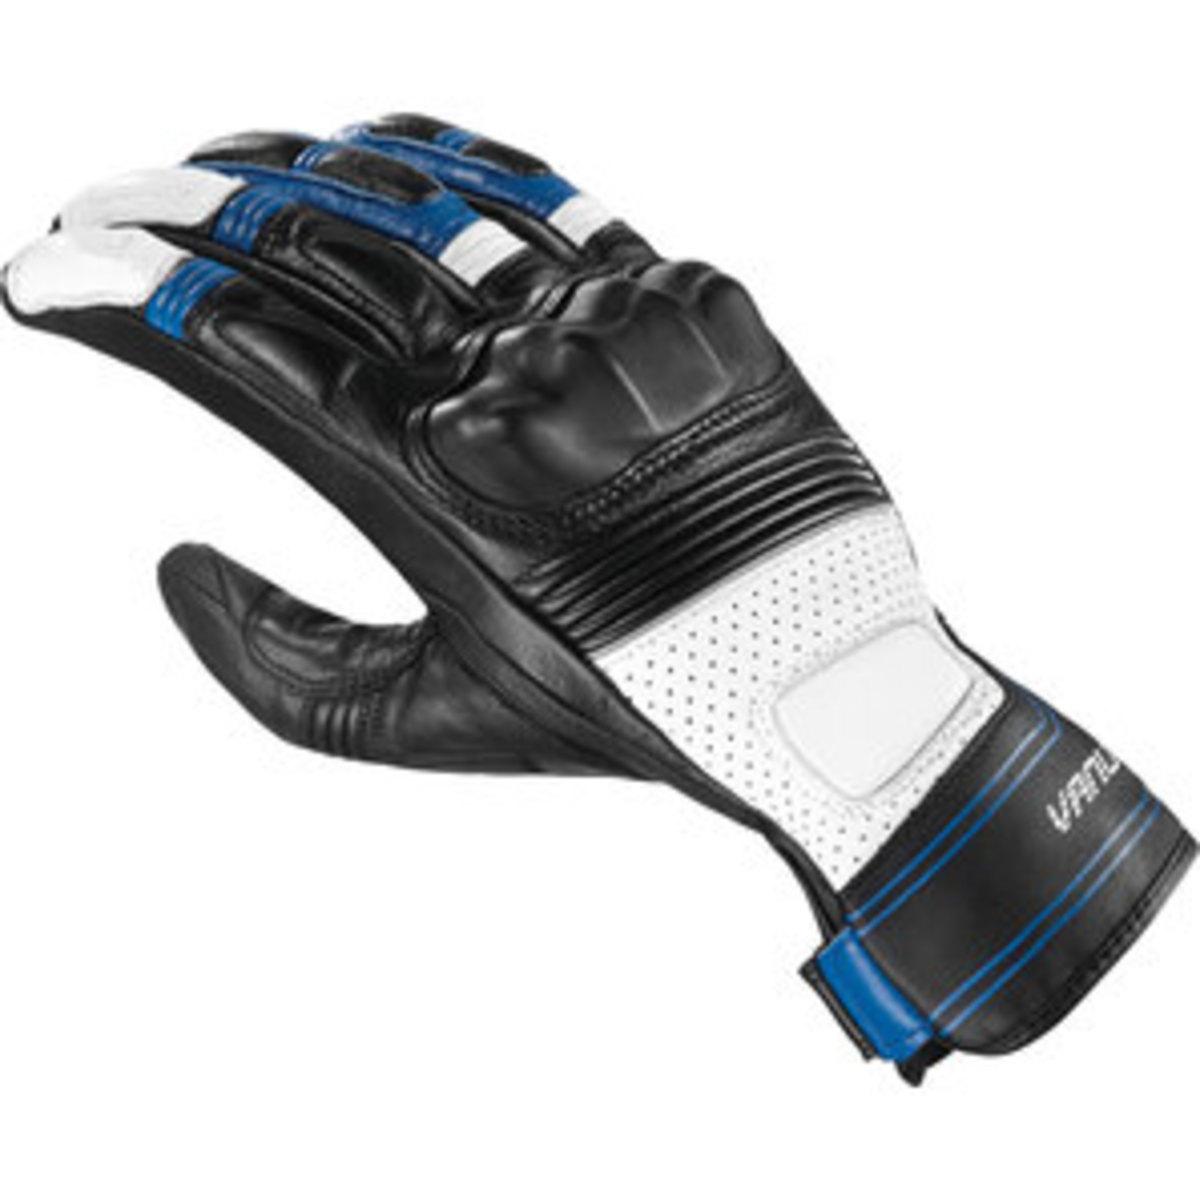 Bild 1 von Vanucci Short Racing III Handschuhe